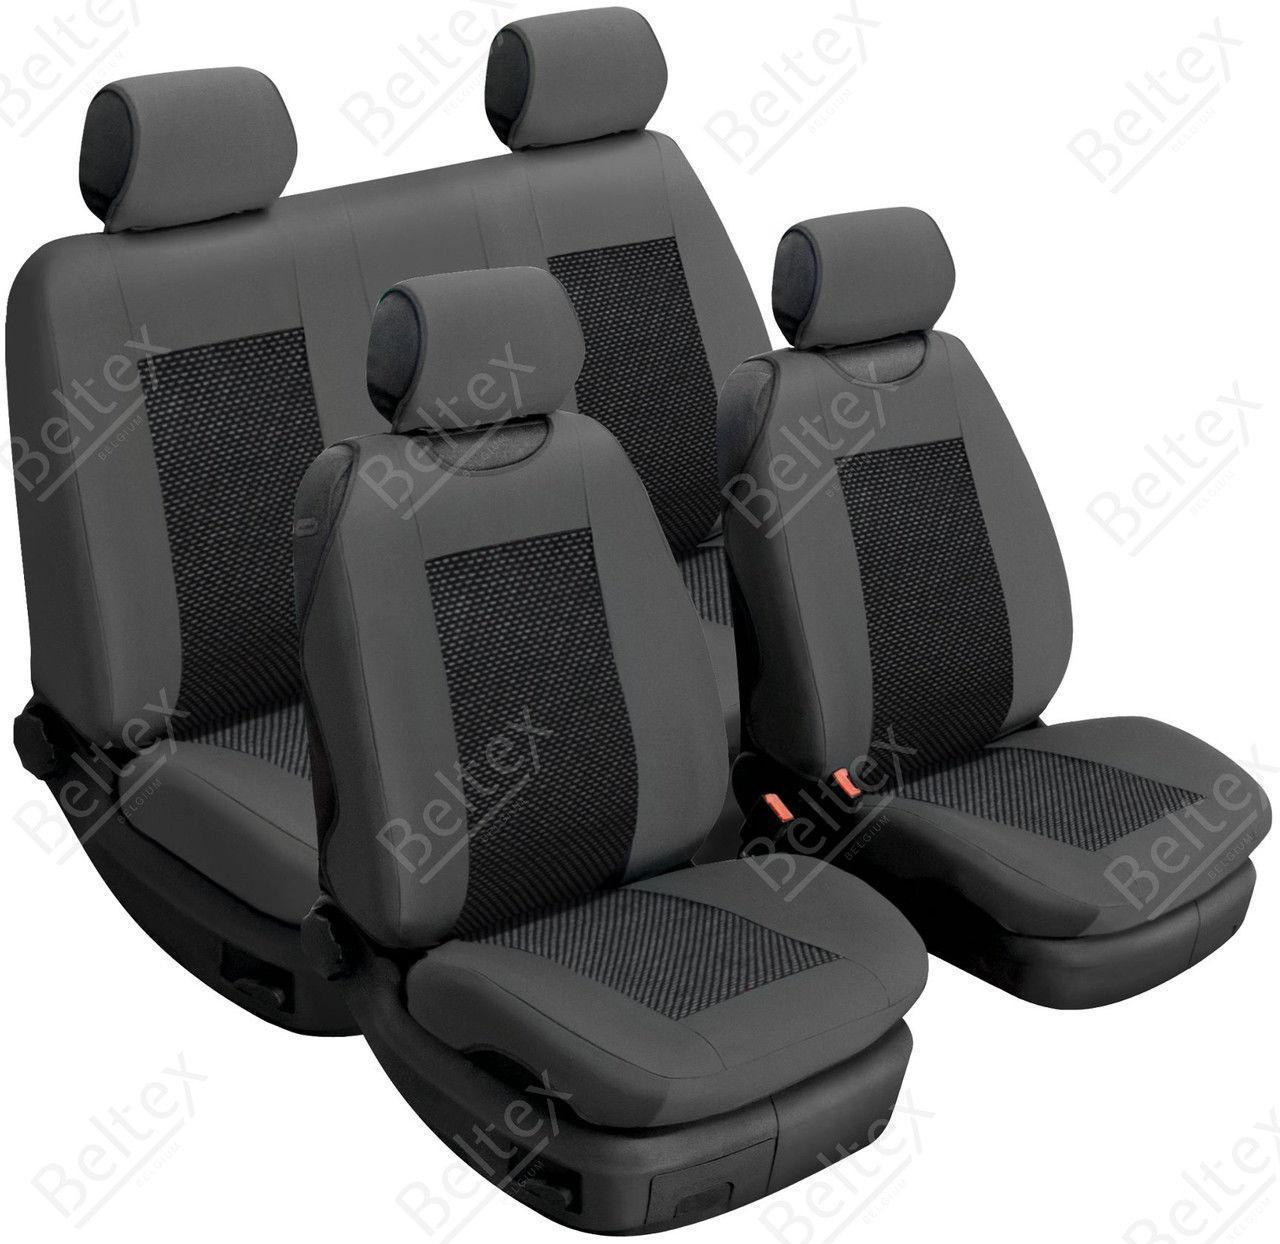 Майки/чехлы на сиденья Ниссан Патрол у 62 (Nissan Patrol Y62)